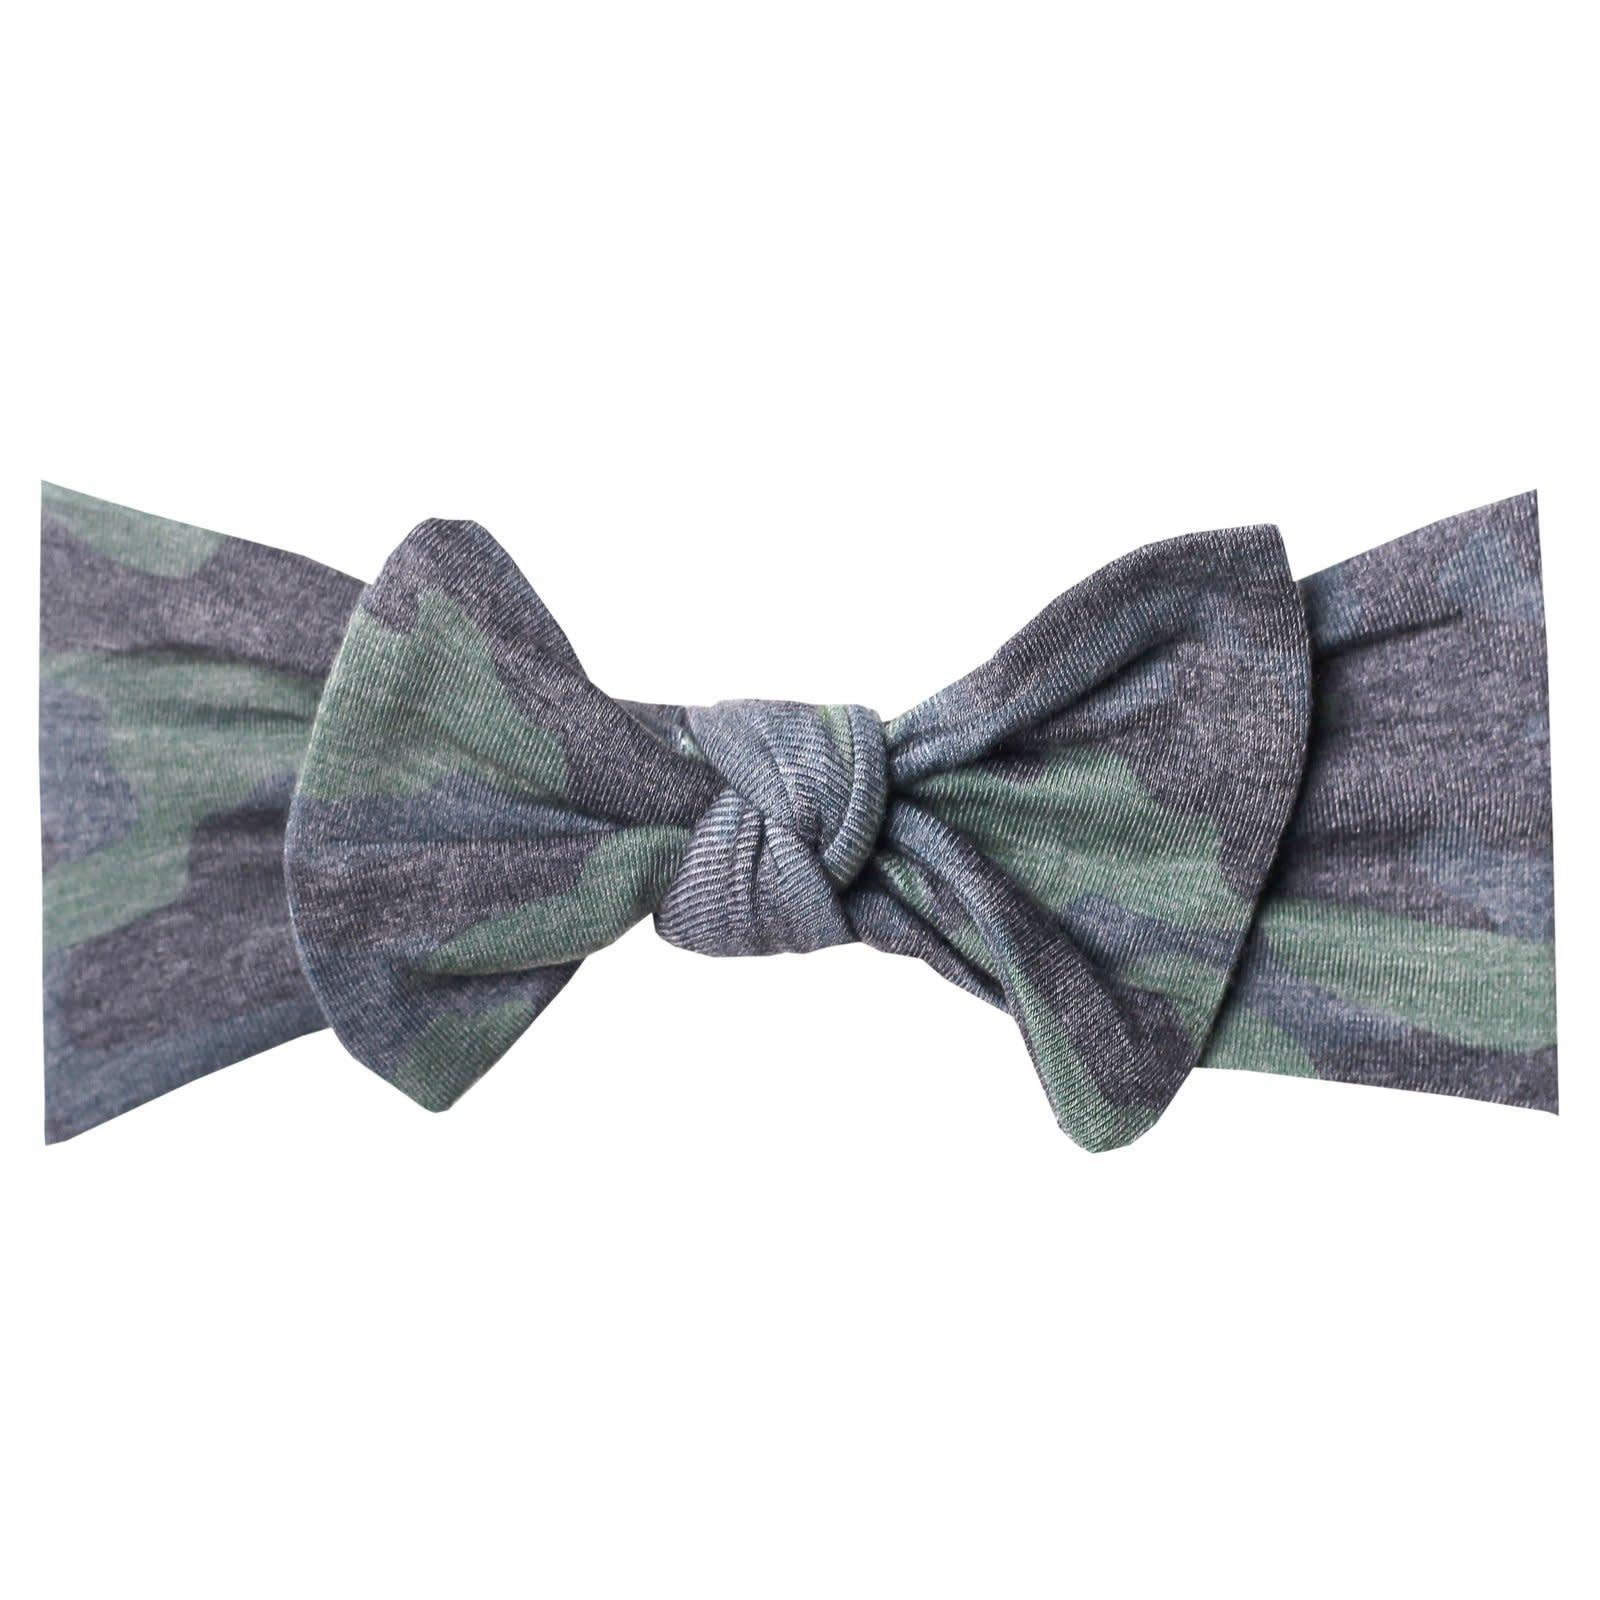 Copper Pearl Knit Headband - Hunter